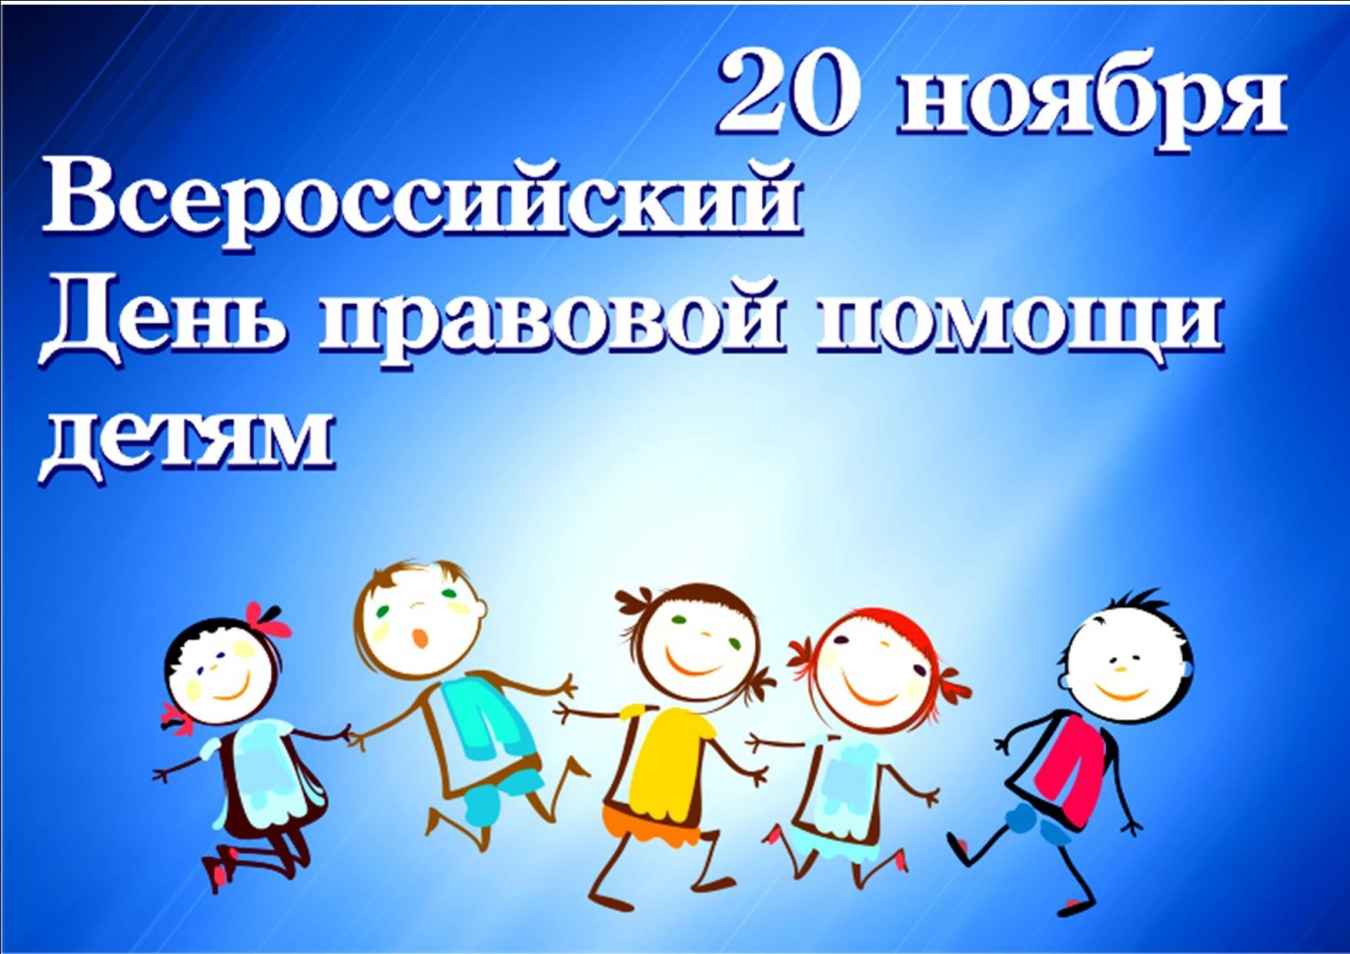 ❗20 ноября проводится Всероссийский день правовой помощи